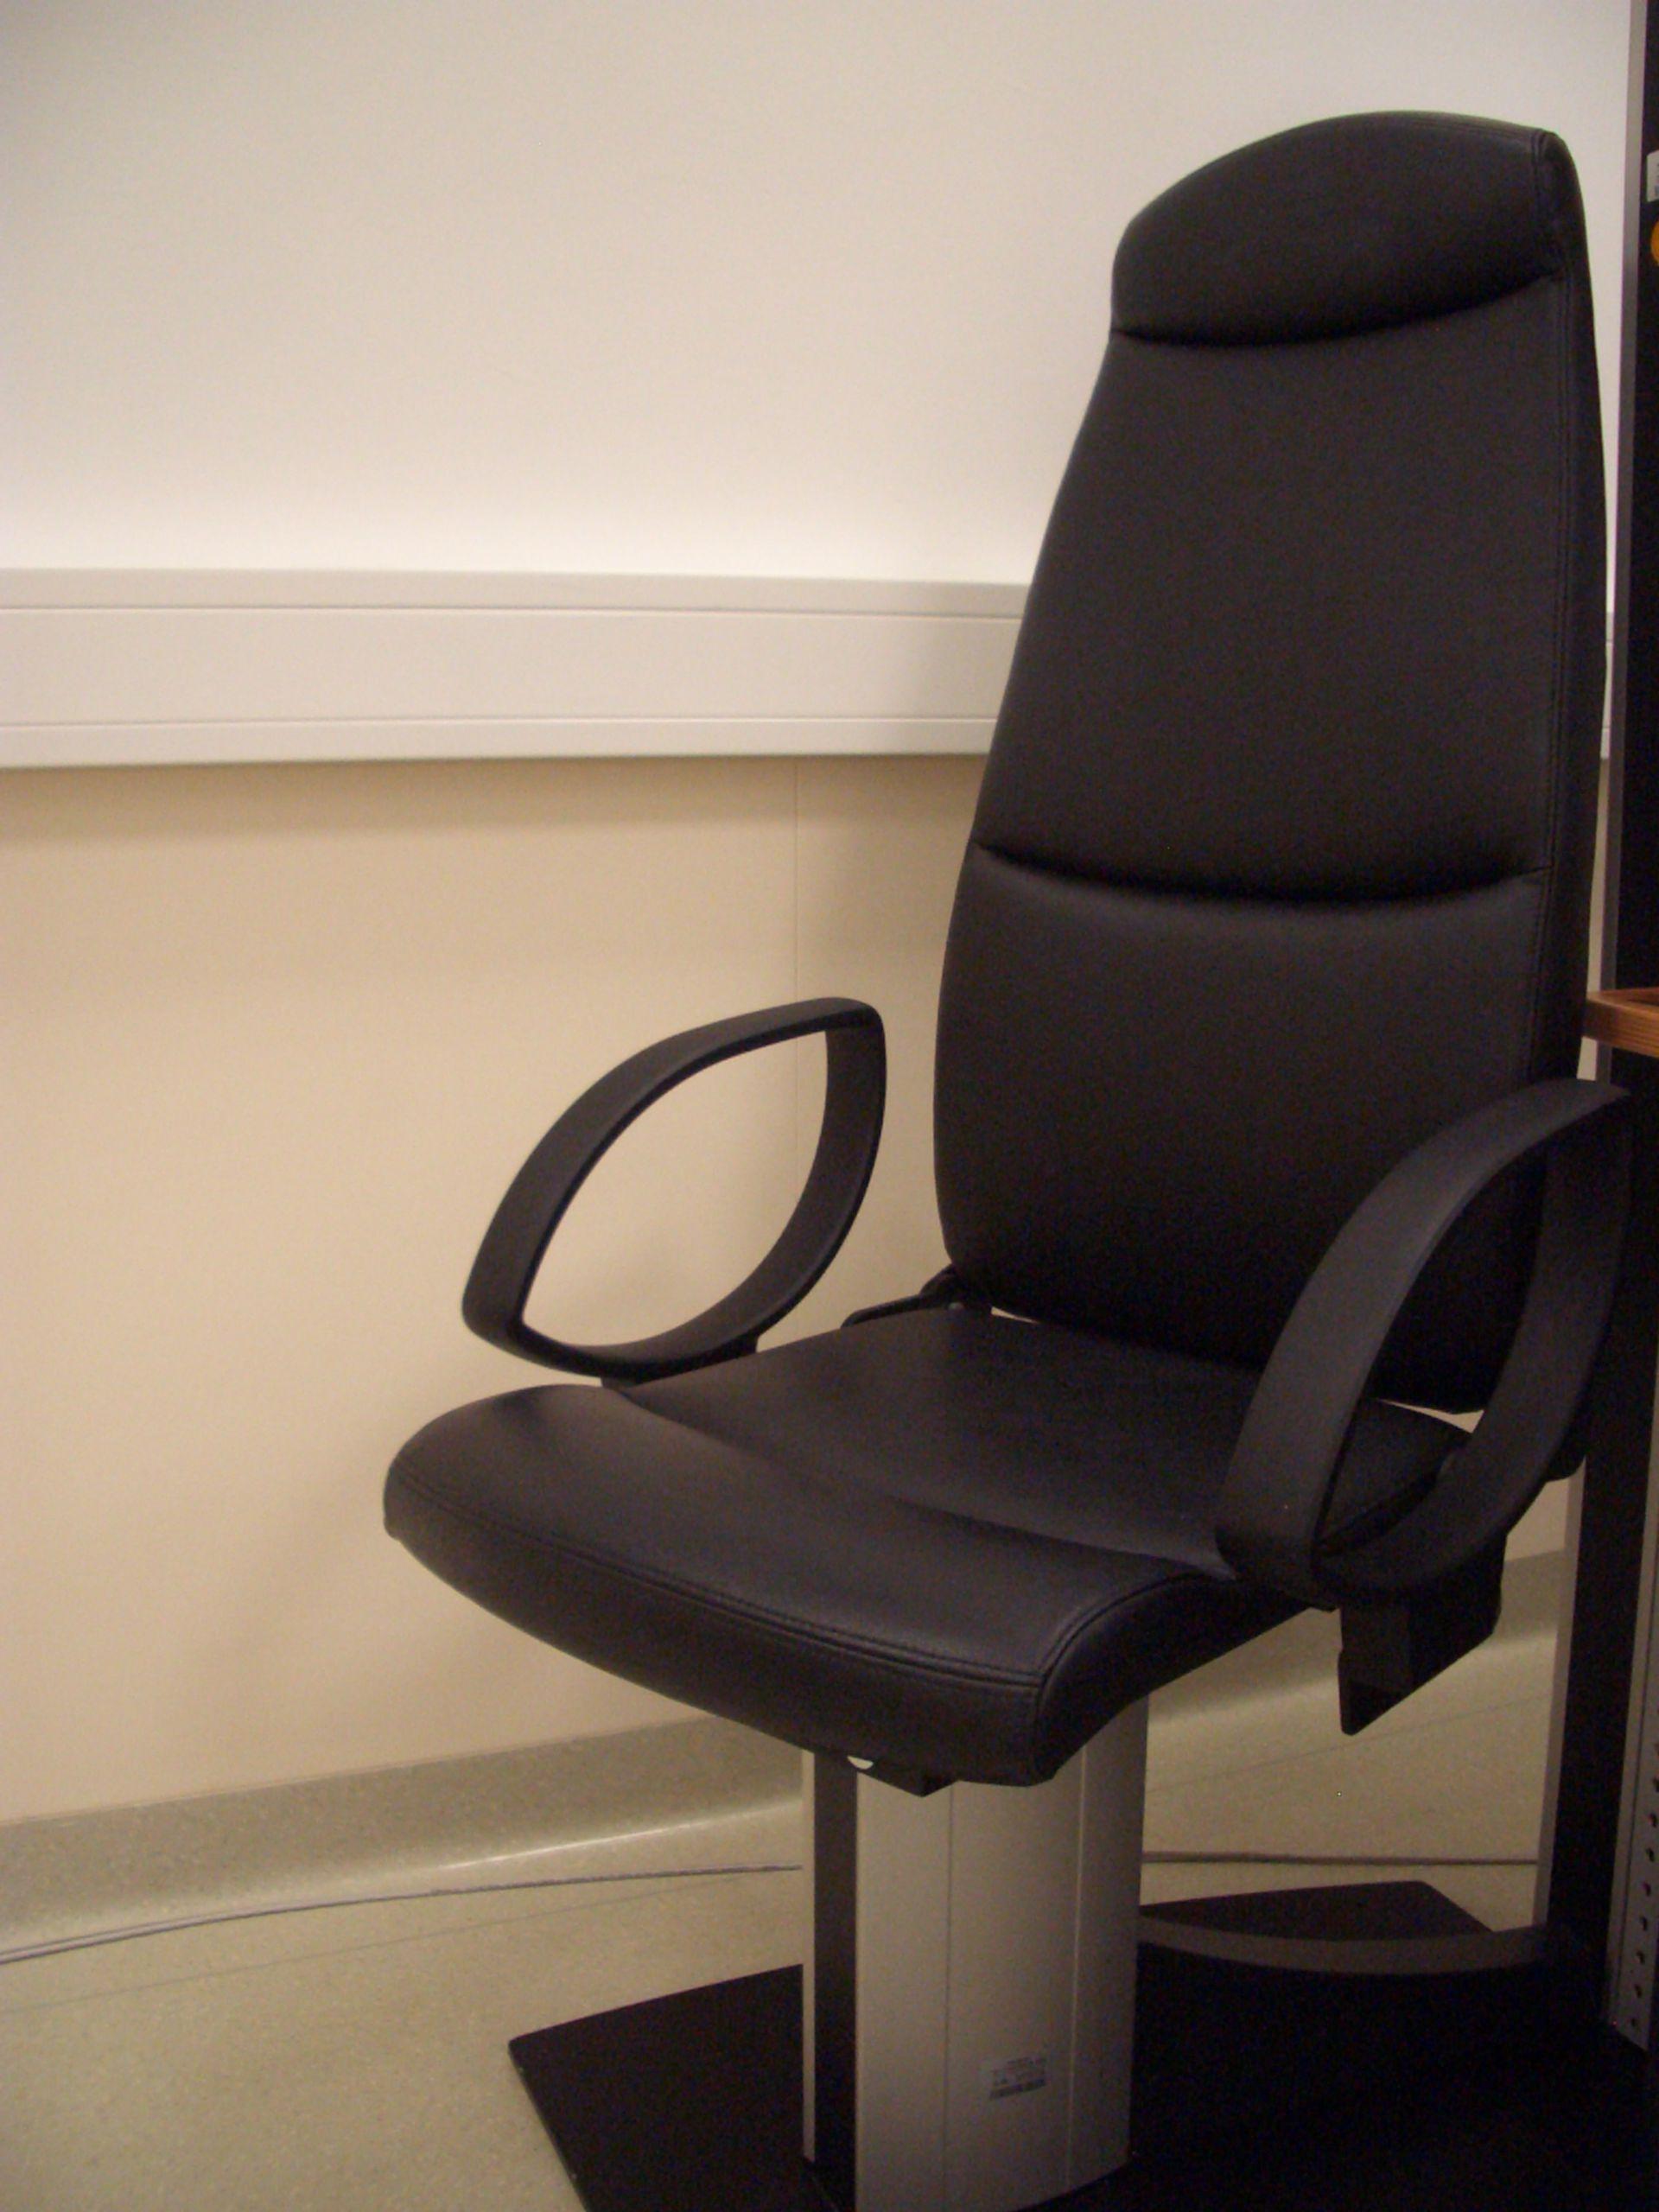 Ophthalmologischer Untersuchungsstuhl